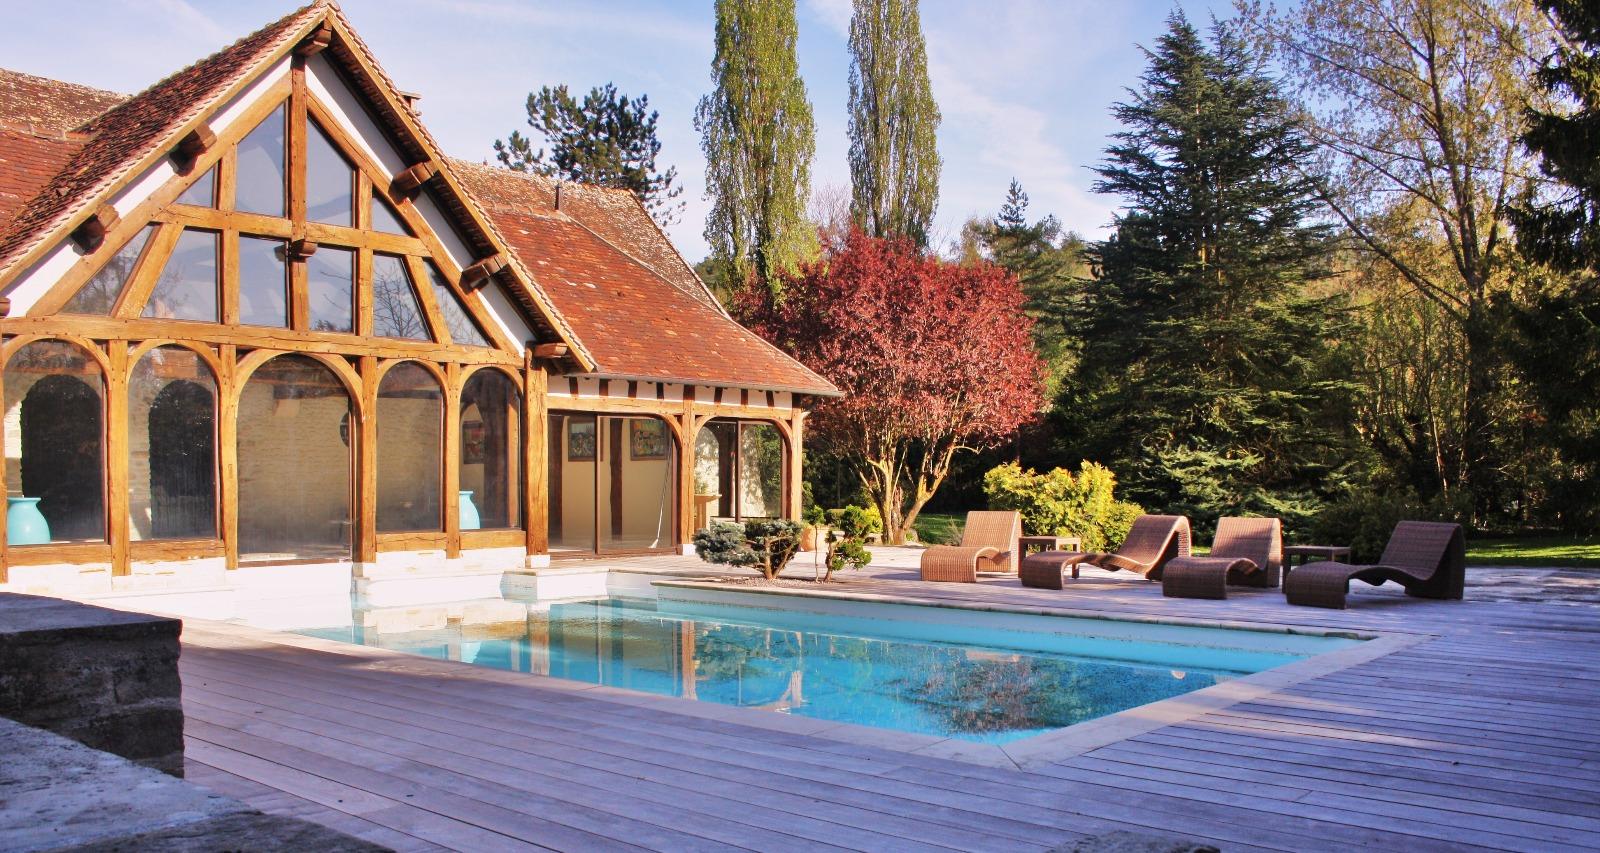 Maison ancienne avec piscine int rieur et ext rieur 4 chambres for Ashoka ala maison